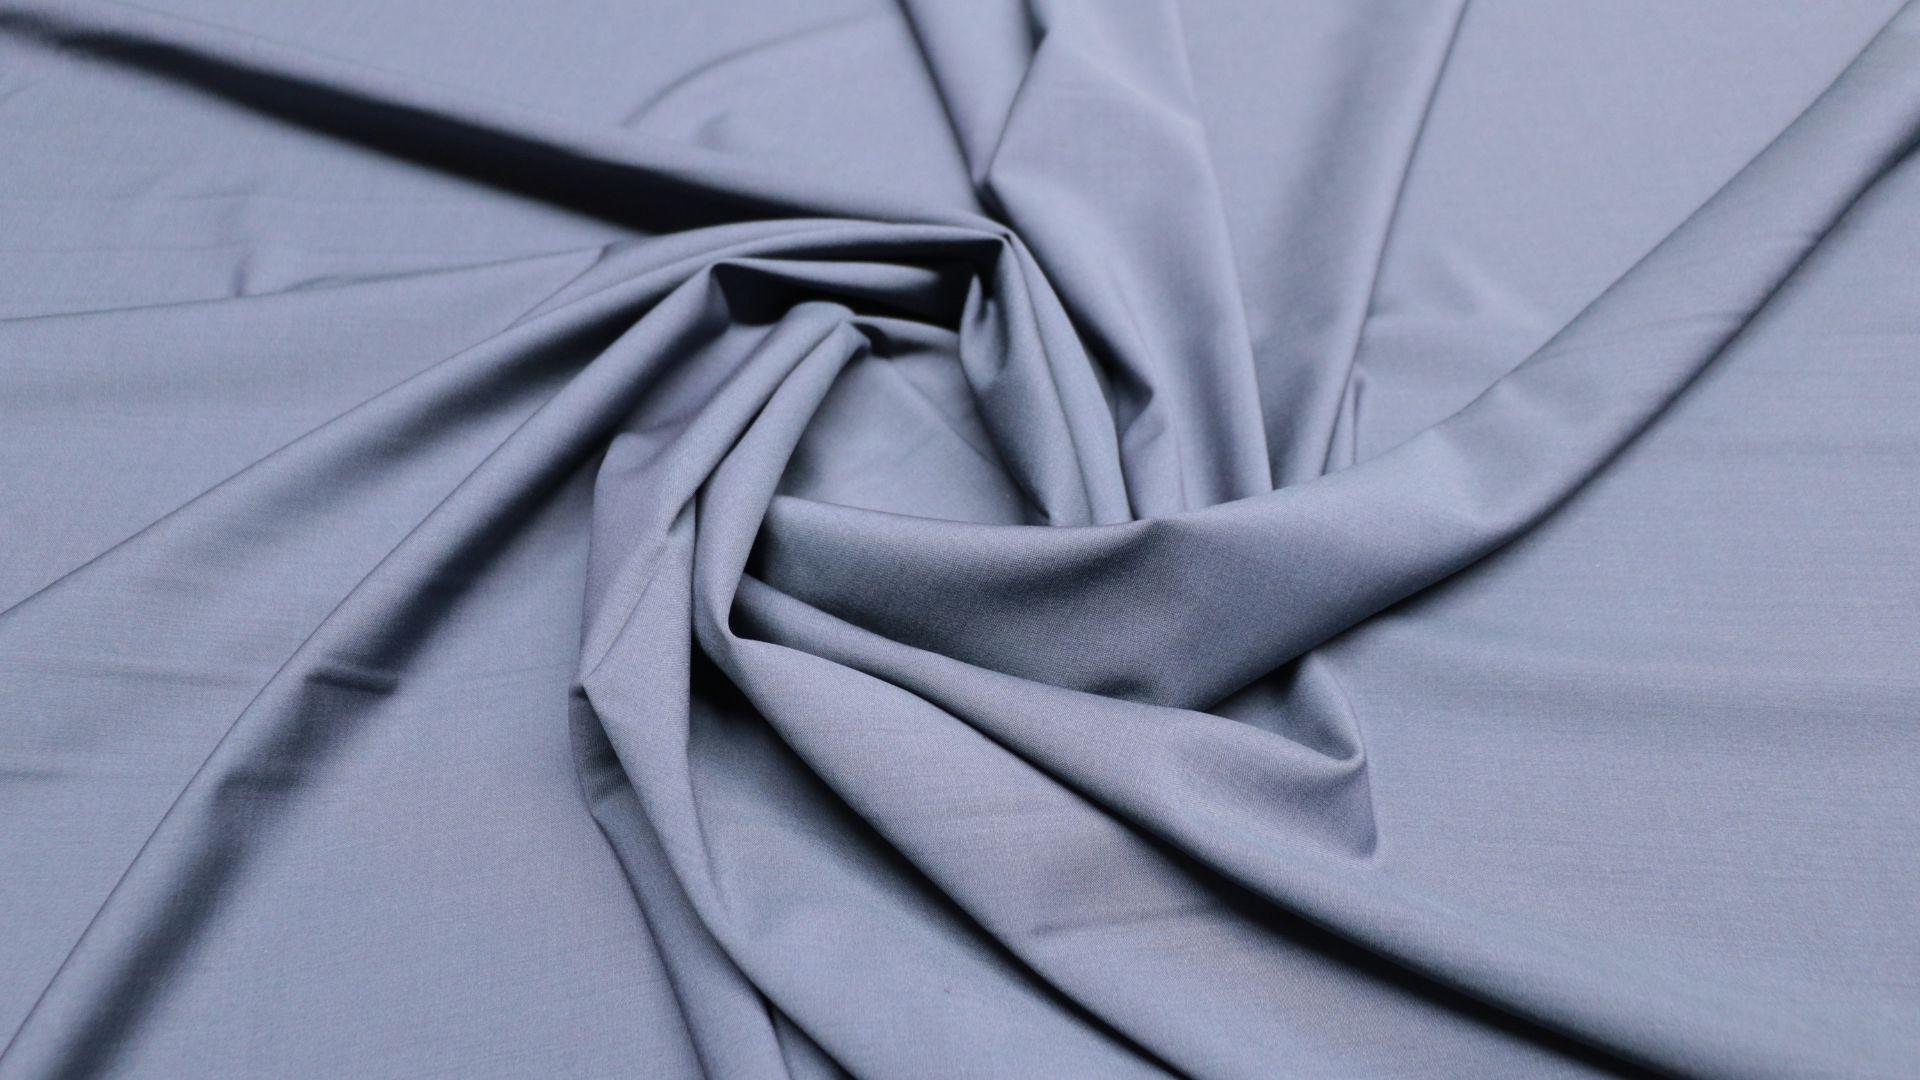 il particolare del tessuto telamaster252000, appartenente alla categoria uniti seta, di Leadford & Logan